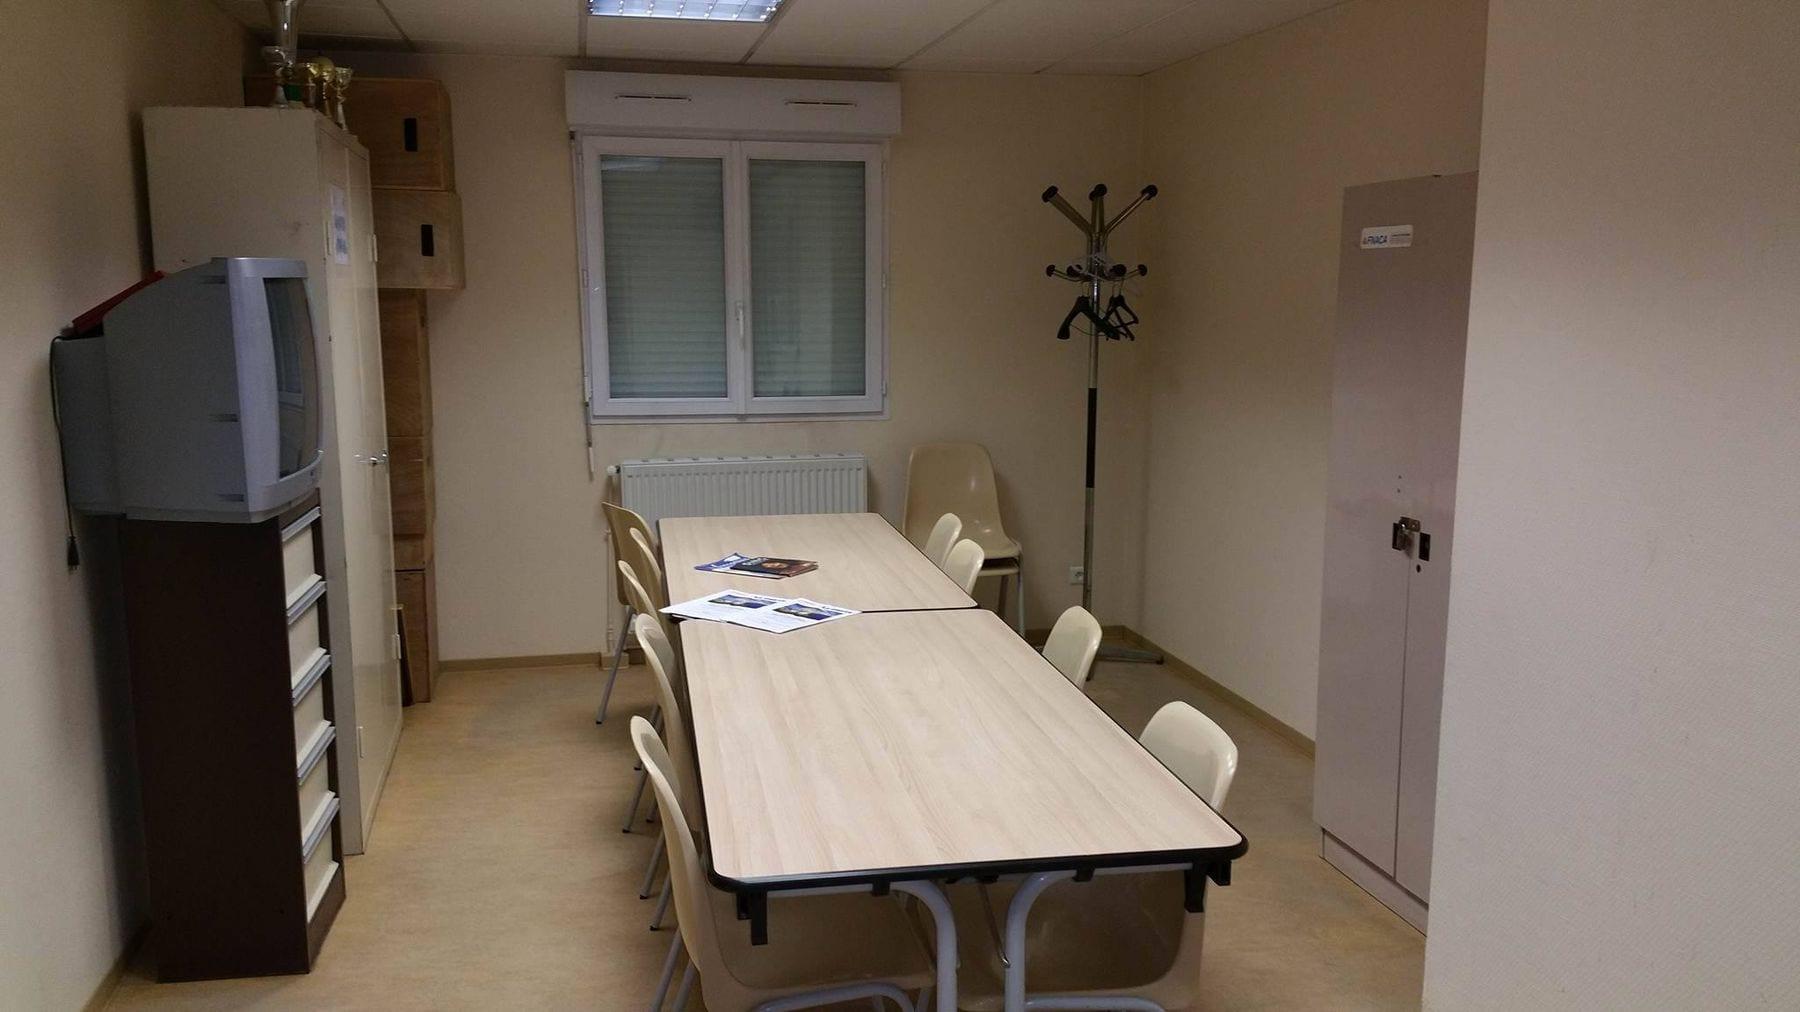 Petite salle séparée de la grande salle